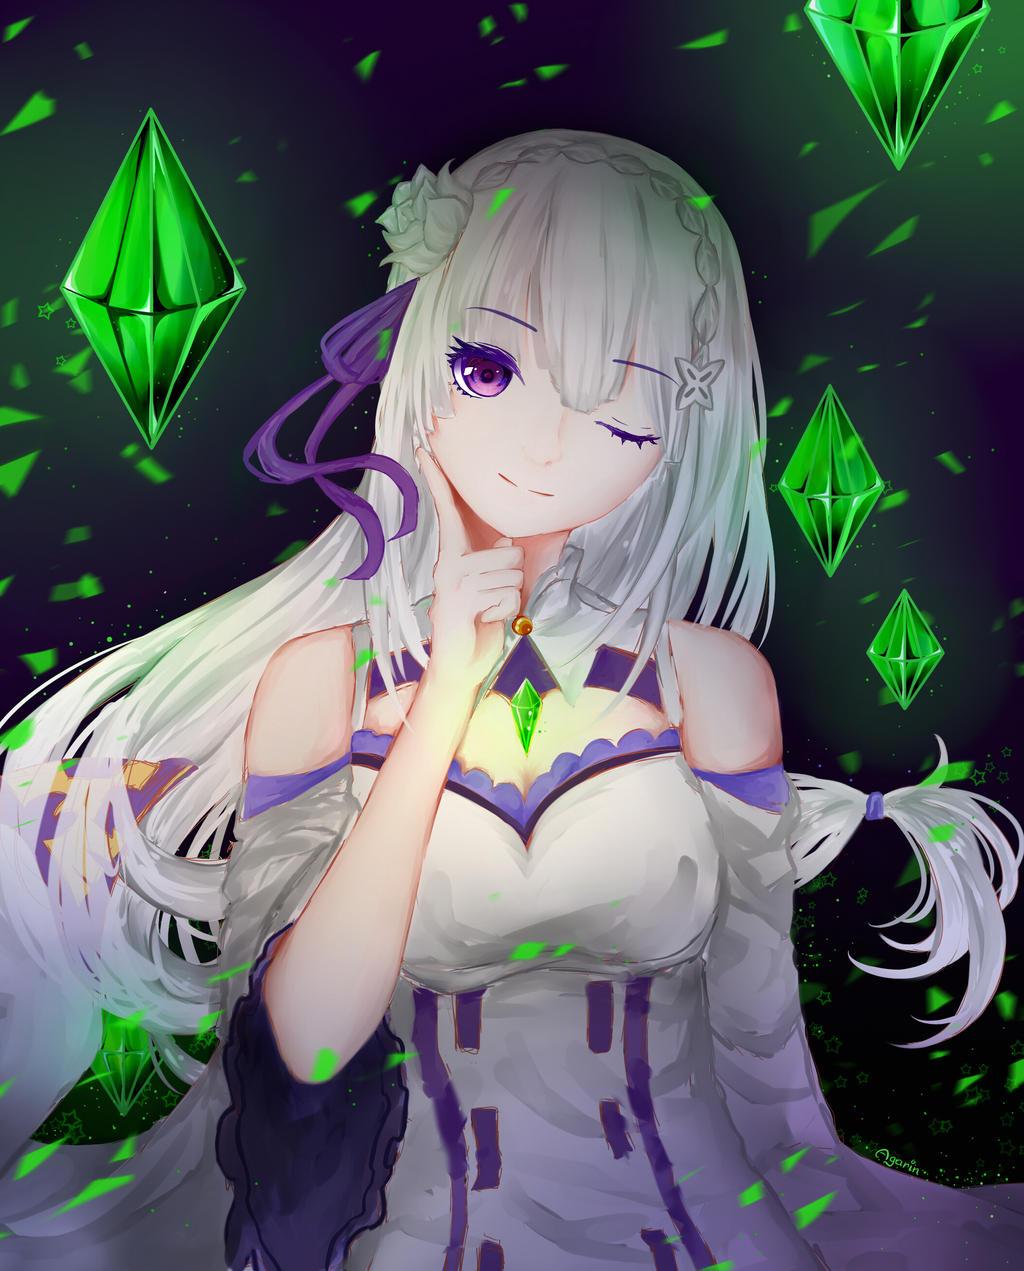 Emilia by Agarin215